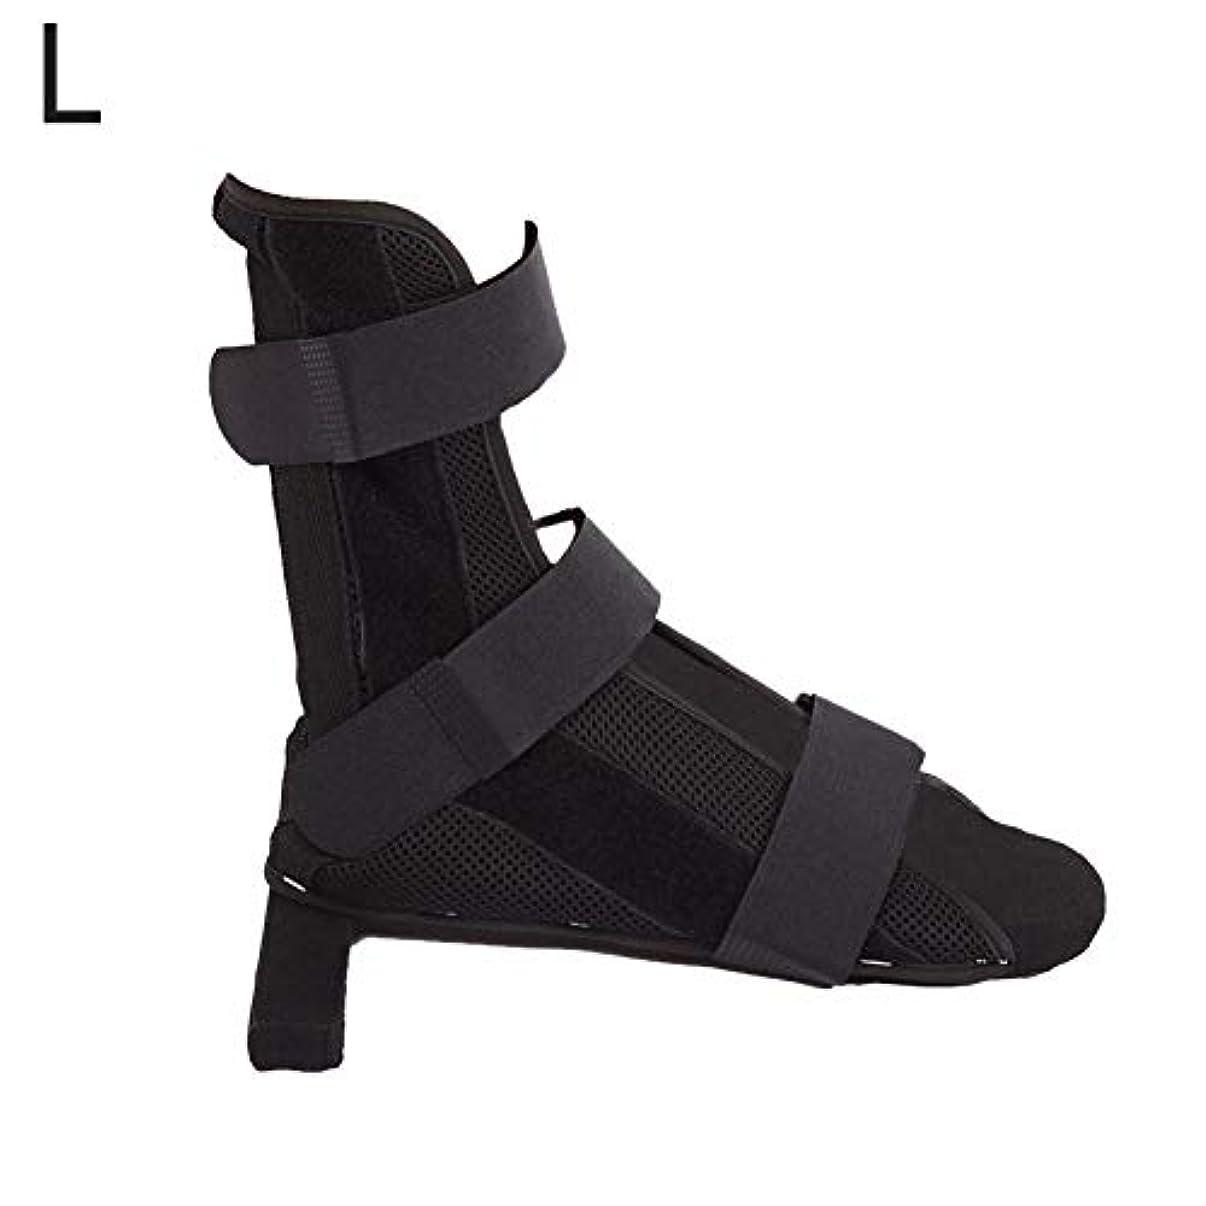 足底筋膜スプリント足の再生のための3枚のプラスチック鋼板痛みの緩和のため整形外科リハビリテーション